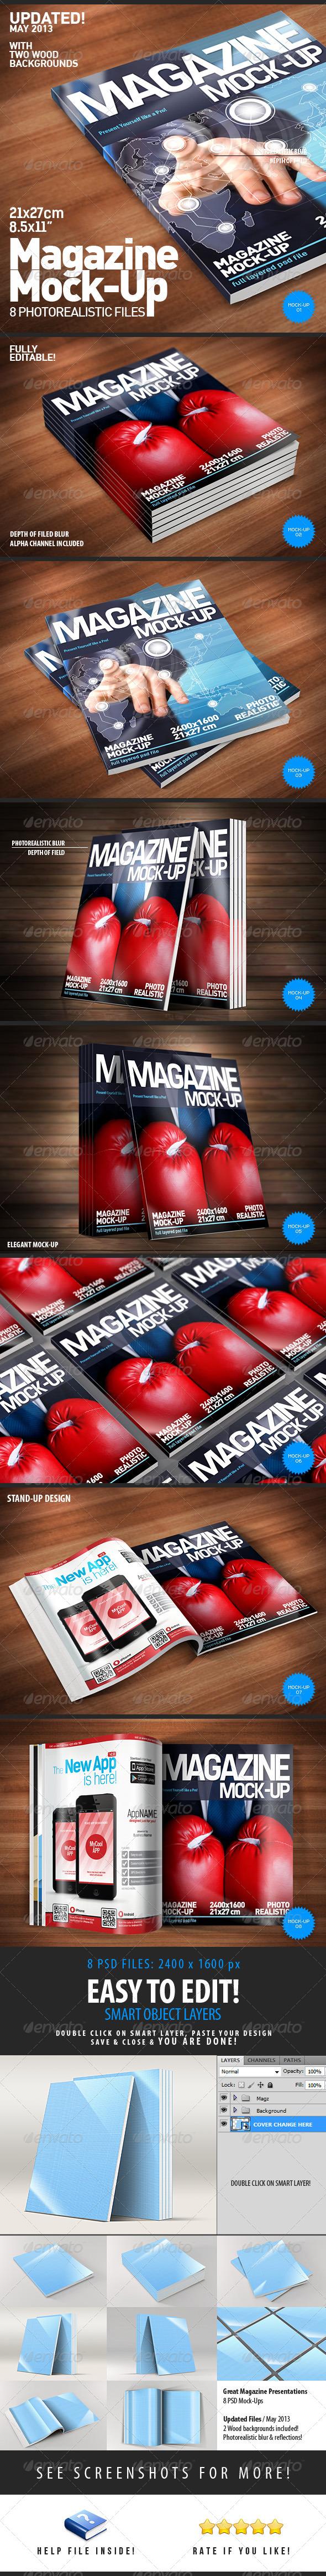 Photorealistic Magazine Mock-Up - Magazines Print